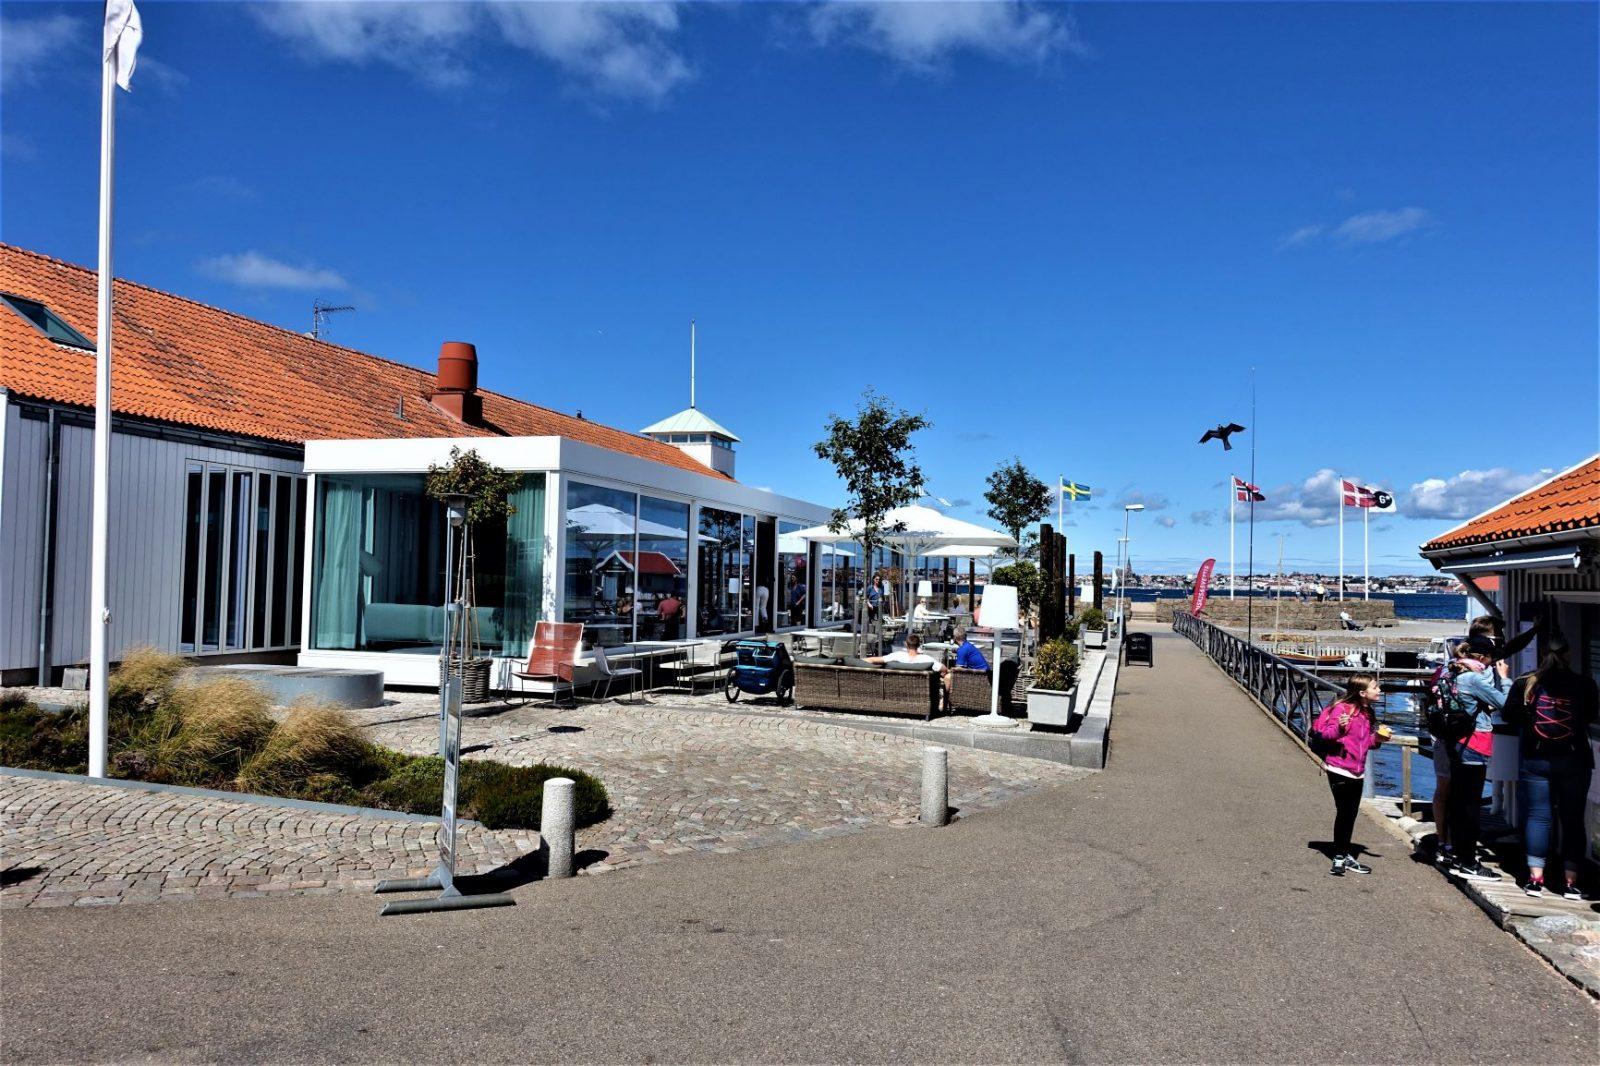 restaurantene i Fiskebäckskil